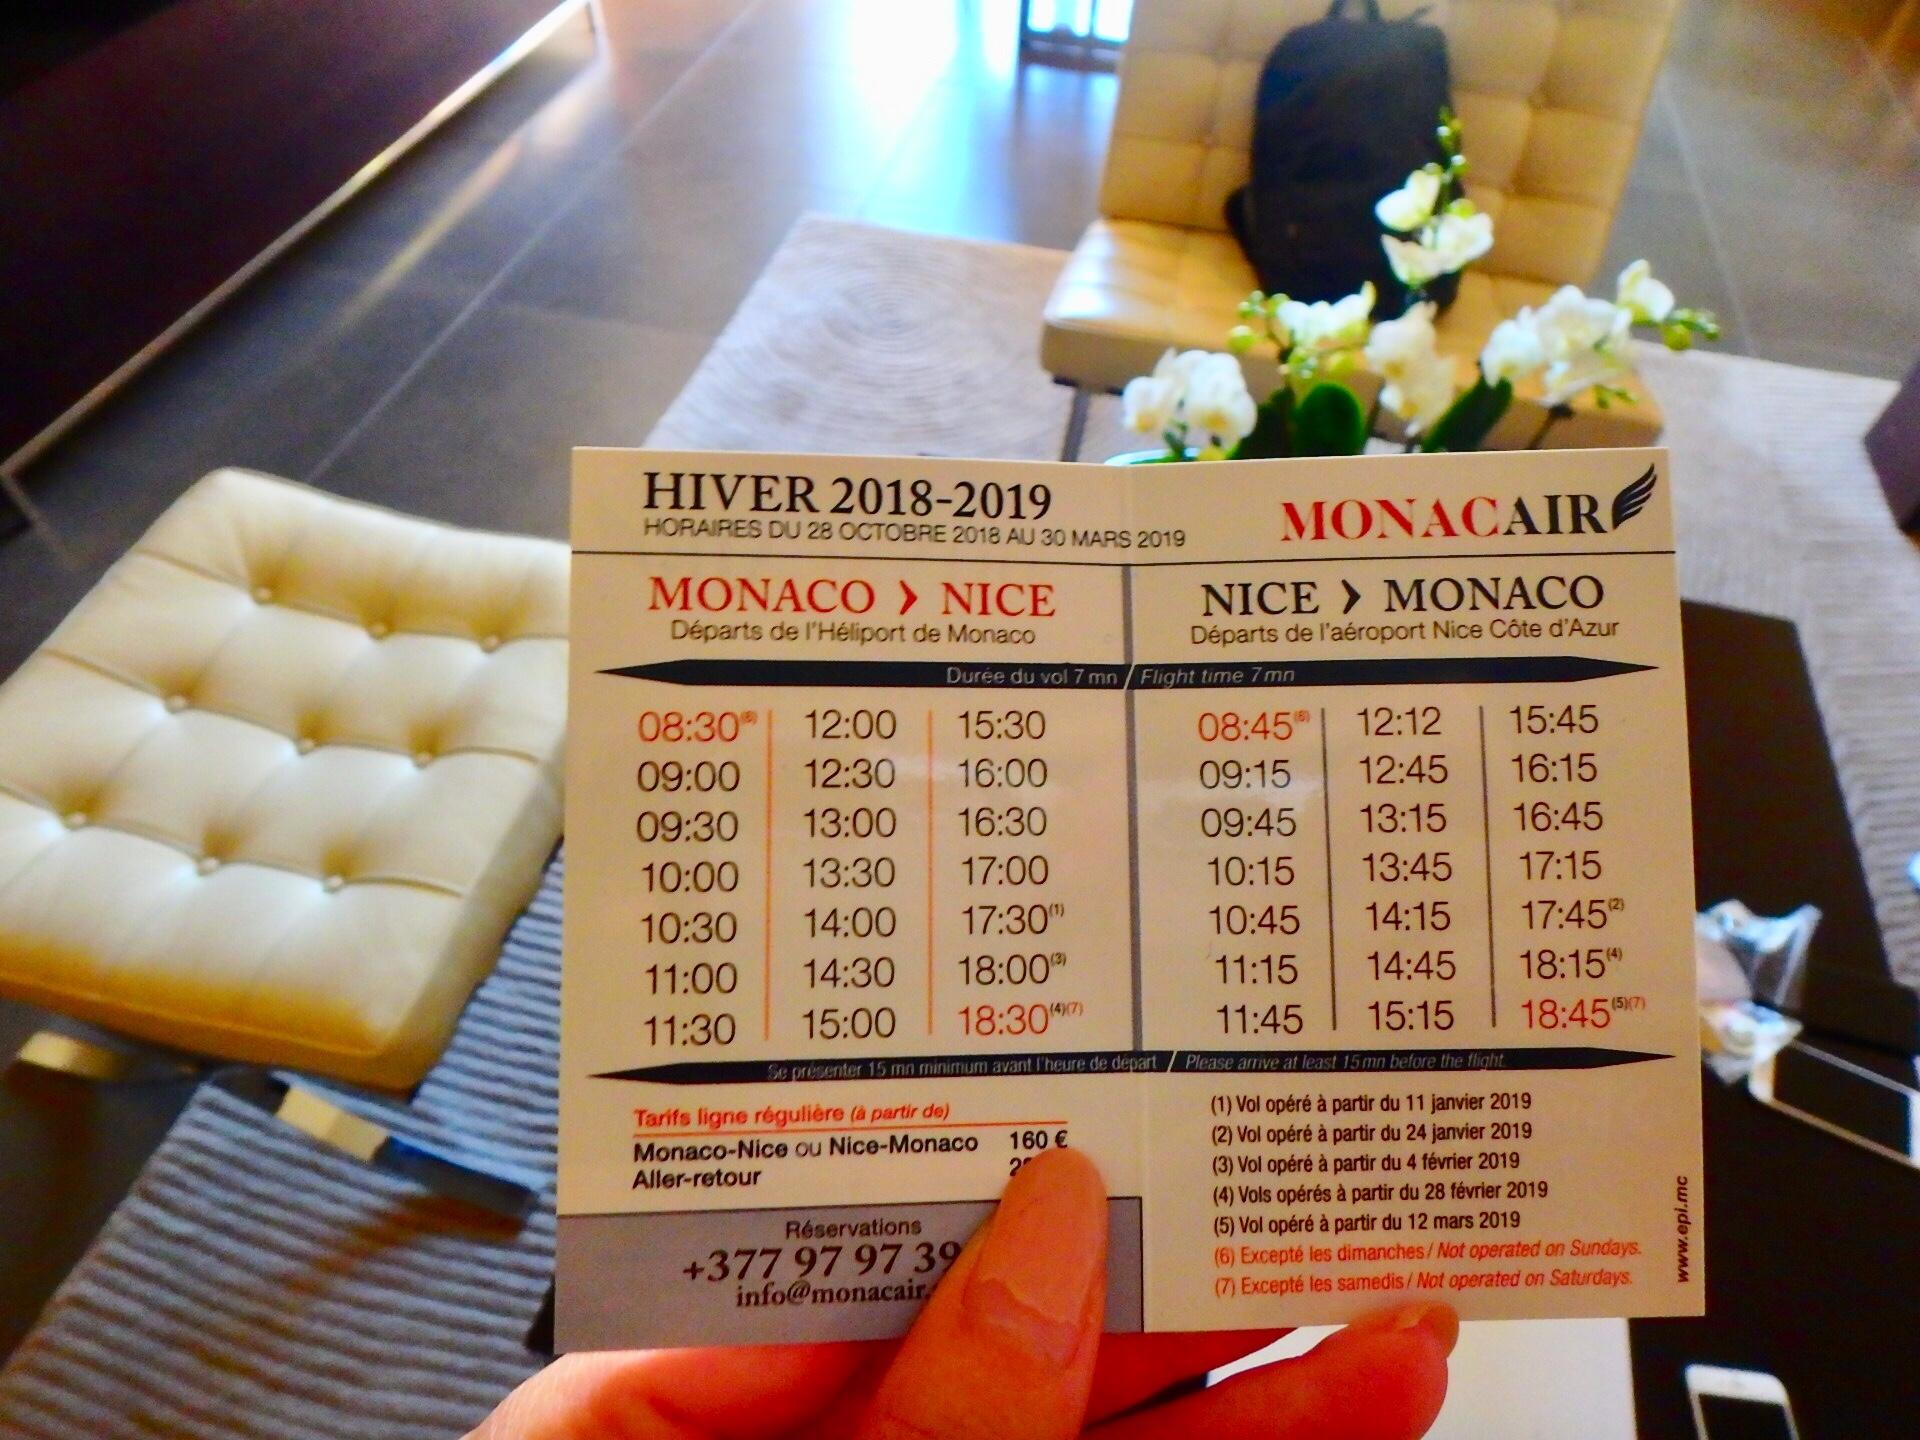 モナコ ヘリコプター 時刻表